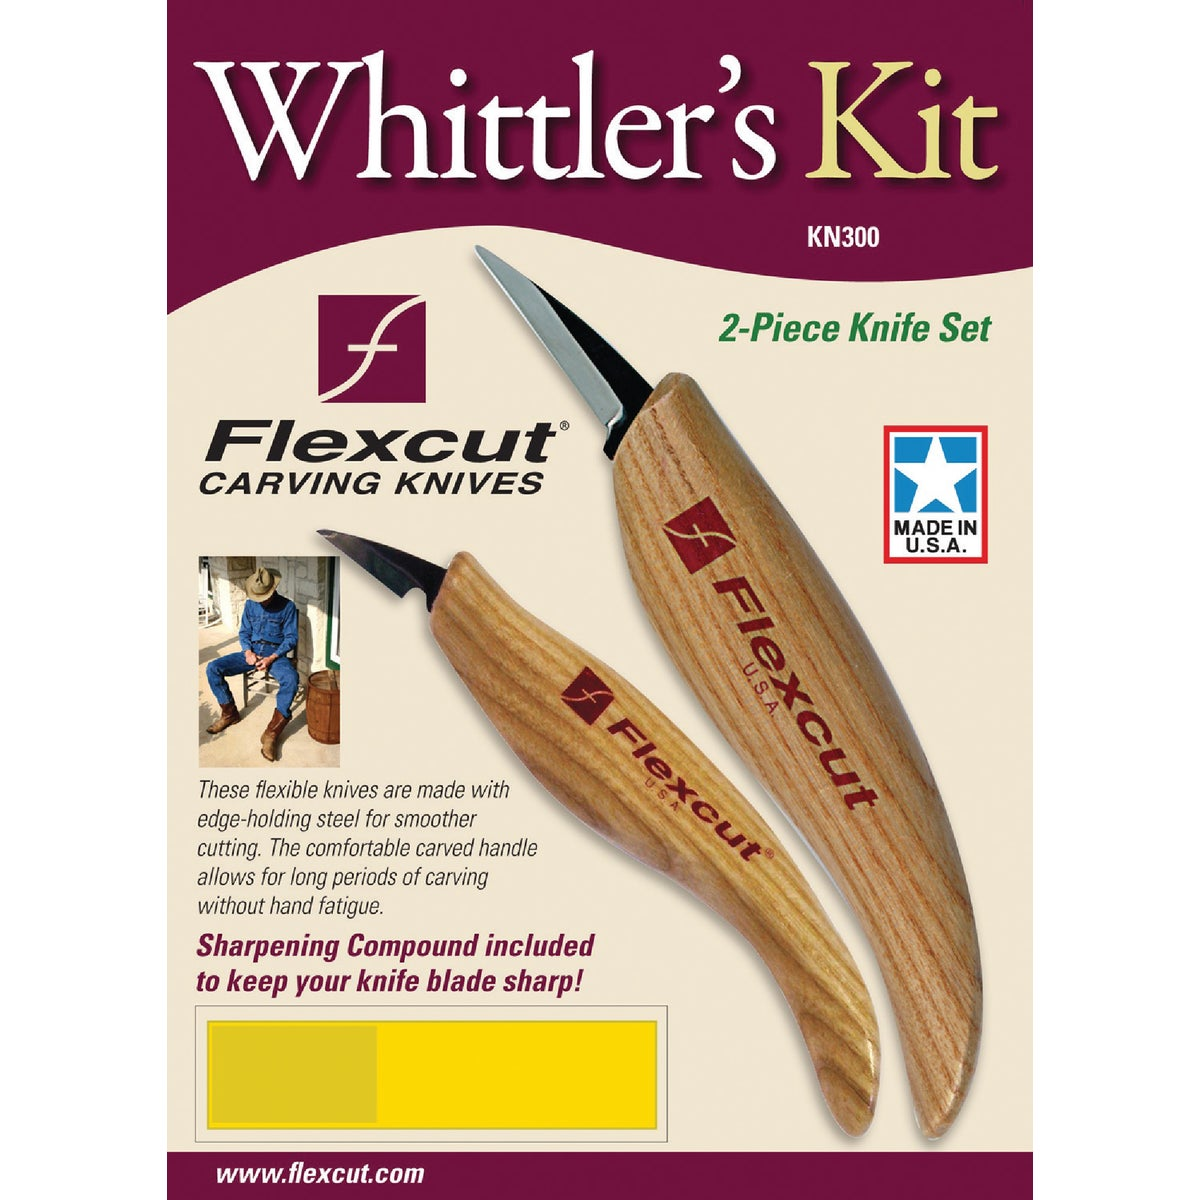 WHITTLER'S KIT